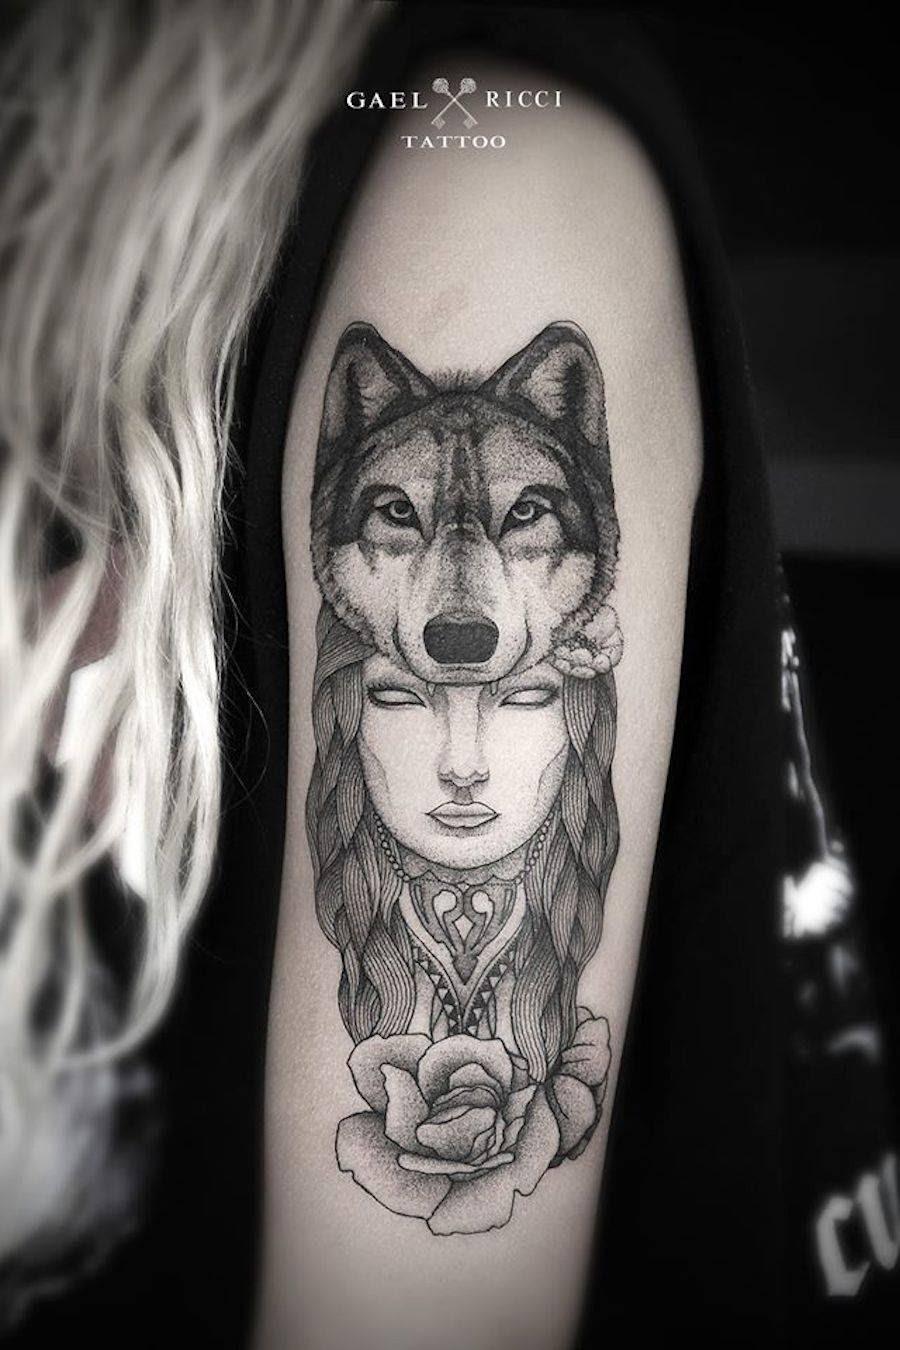 I Tattoo In Bianco E Nero Di Gael Ricci Tulipanorosa